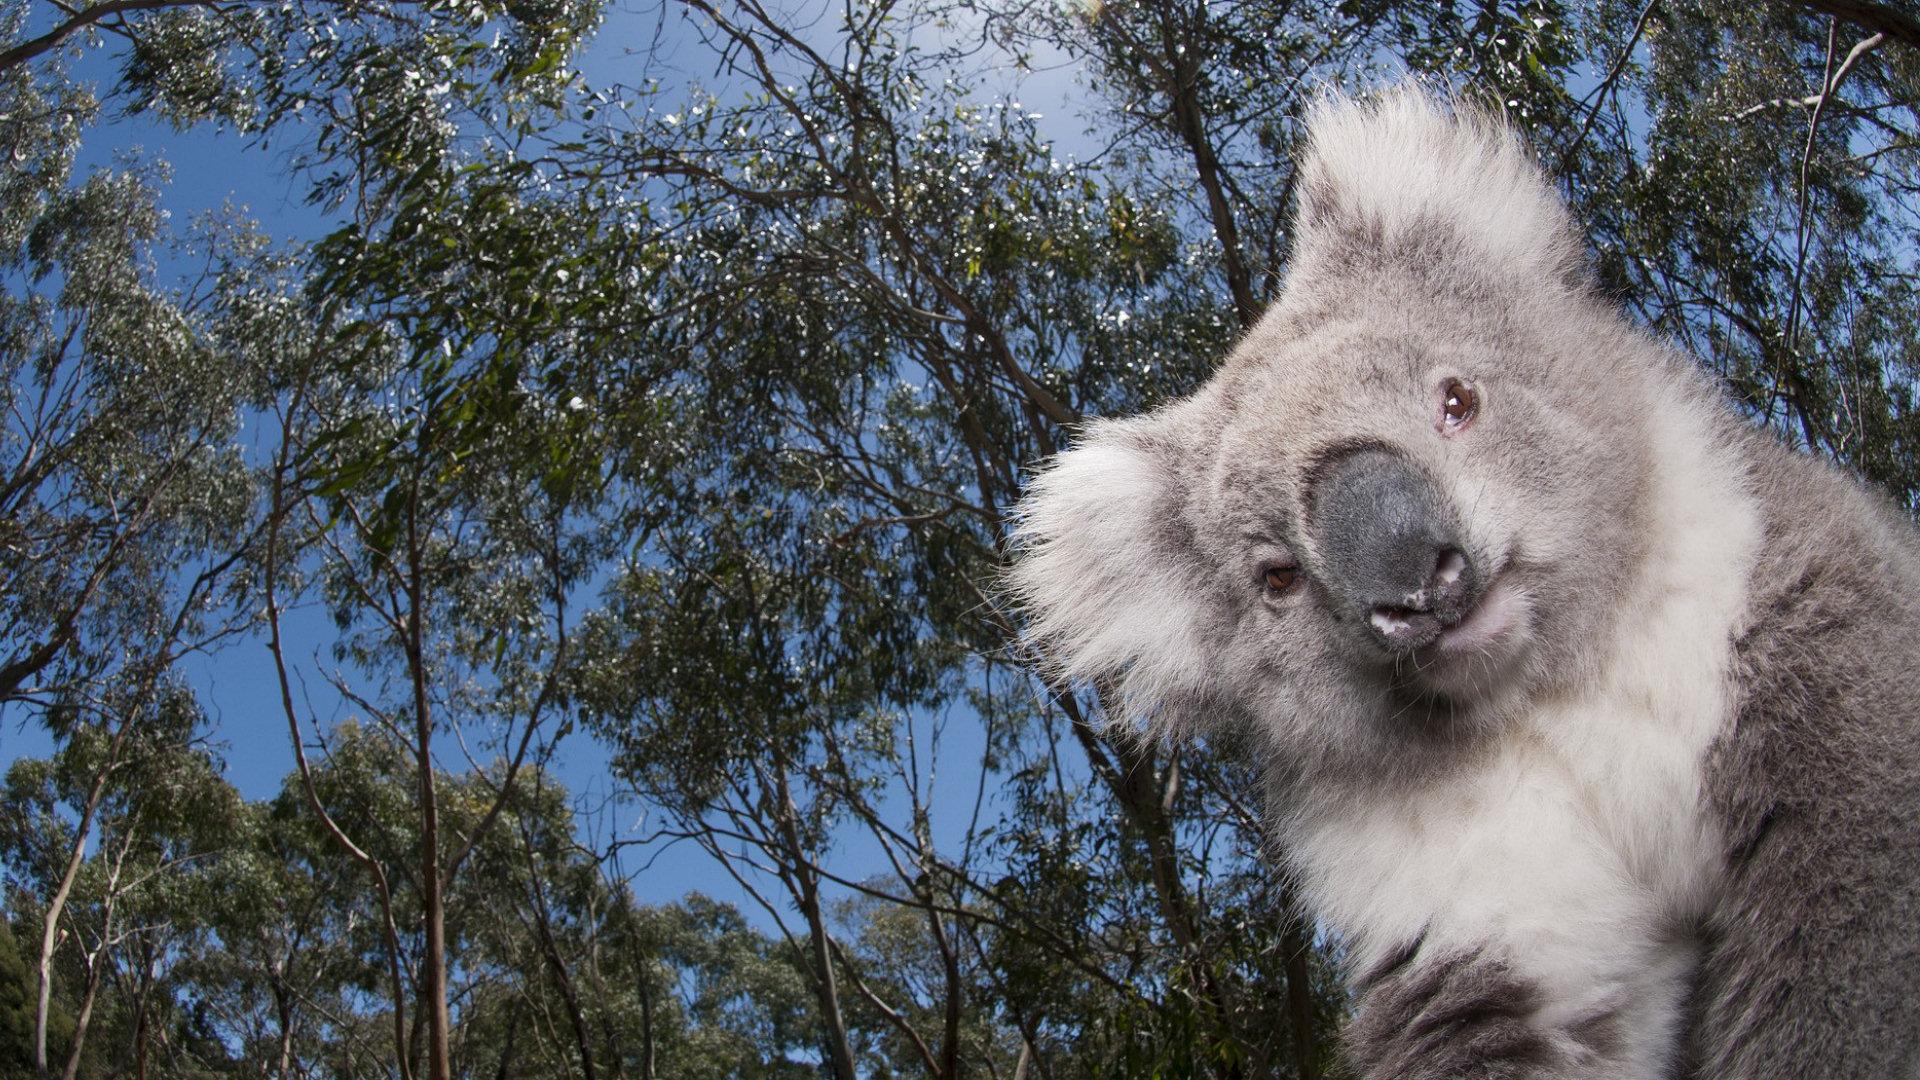 Cute Boston Terrier Wallpaper Koala Wallpapers Hd Desktop Wallpapers 4k Hd